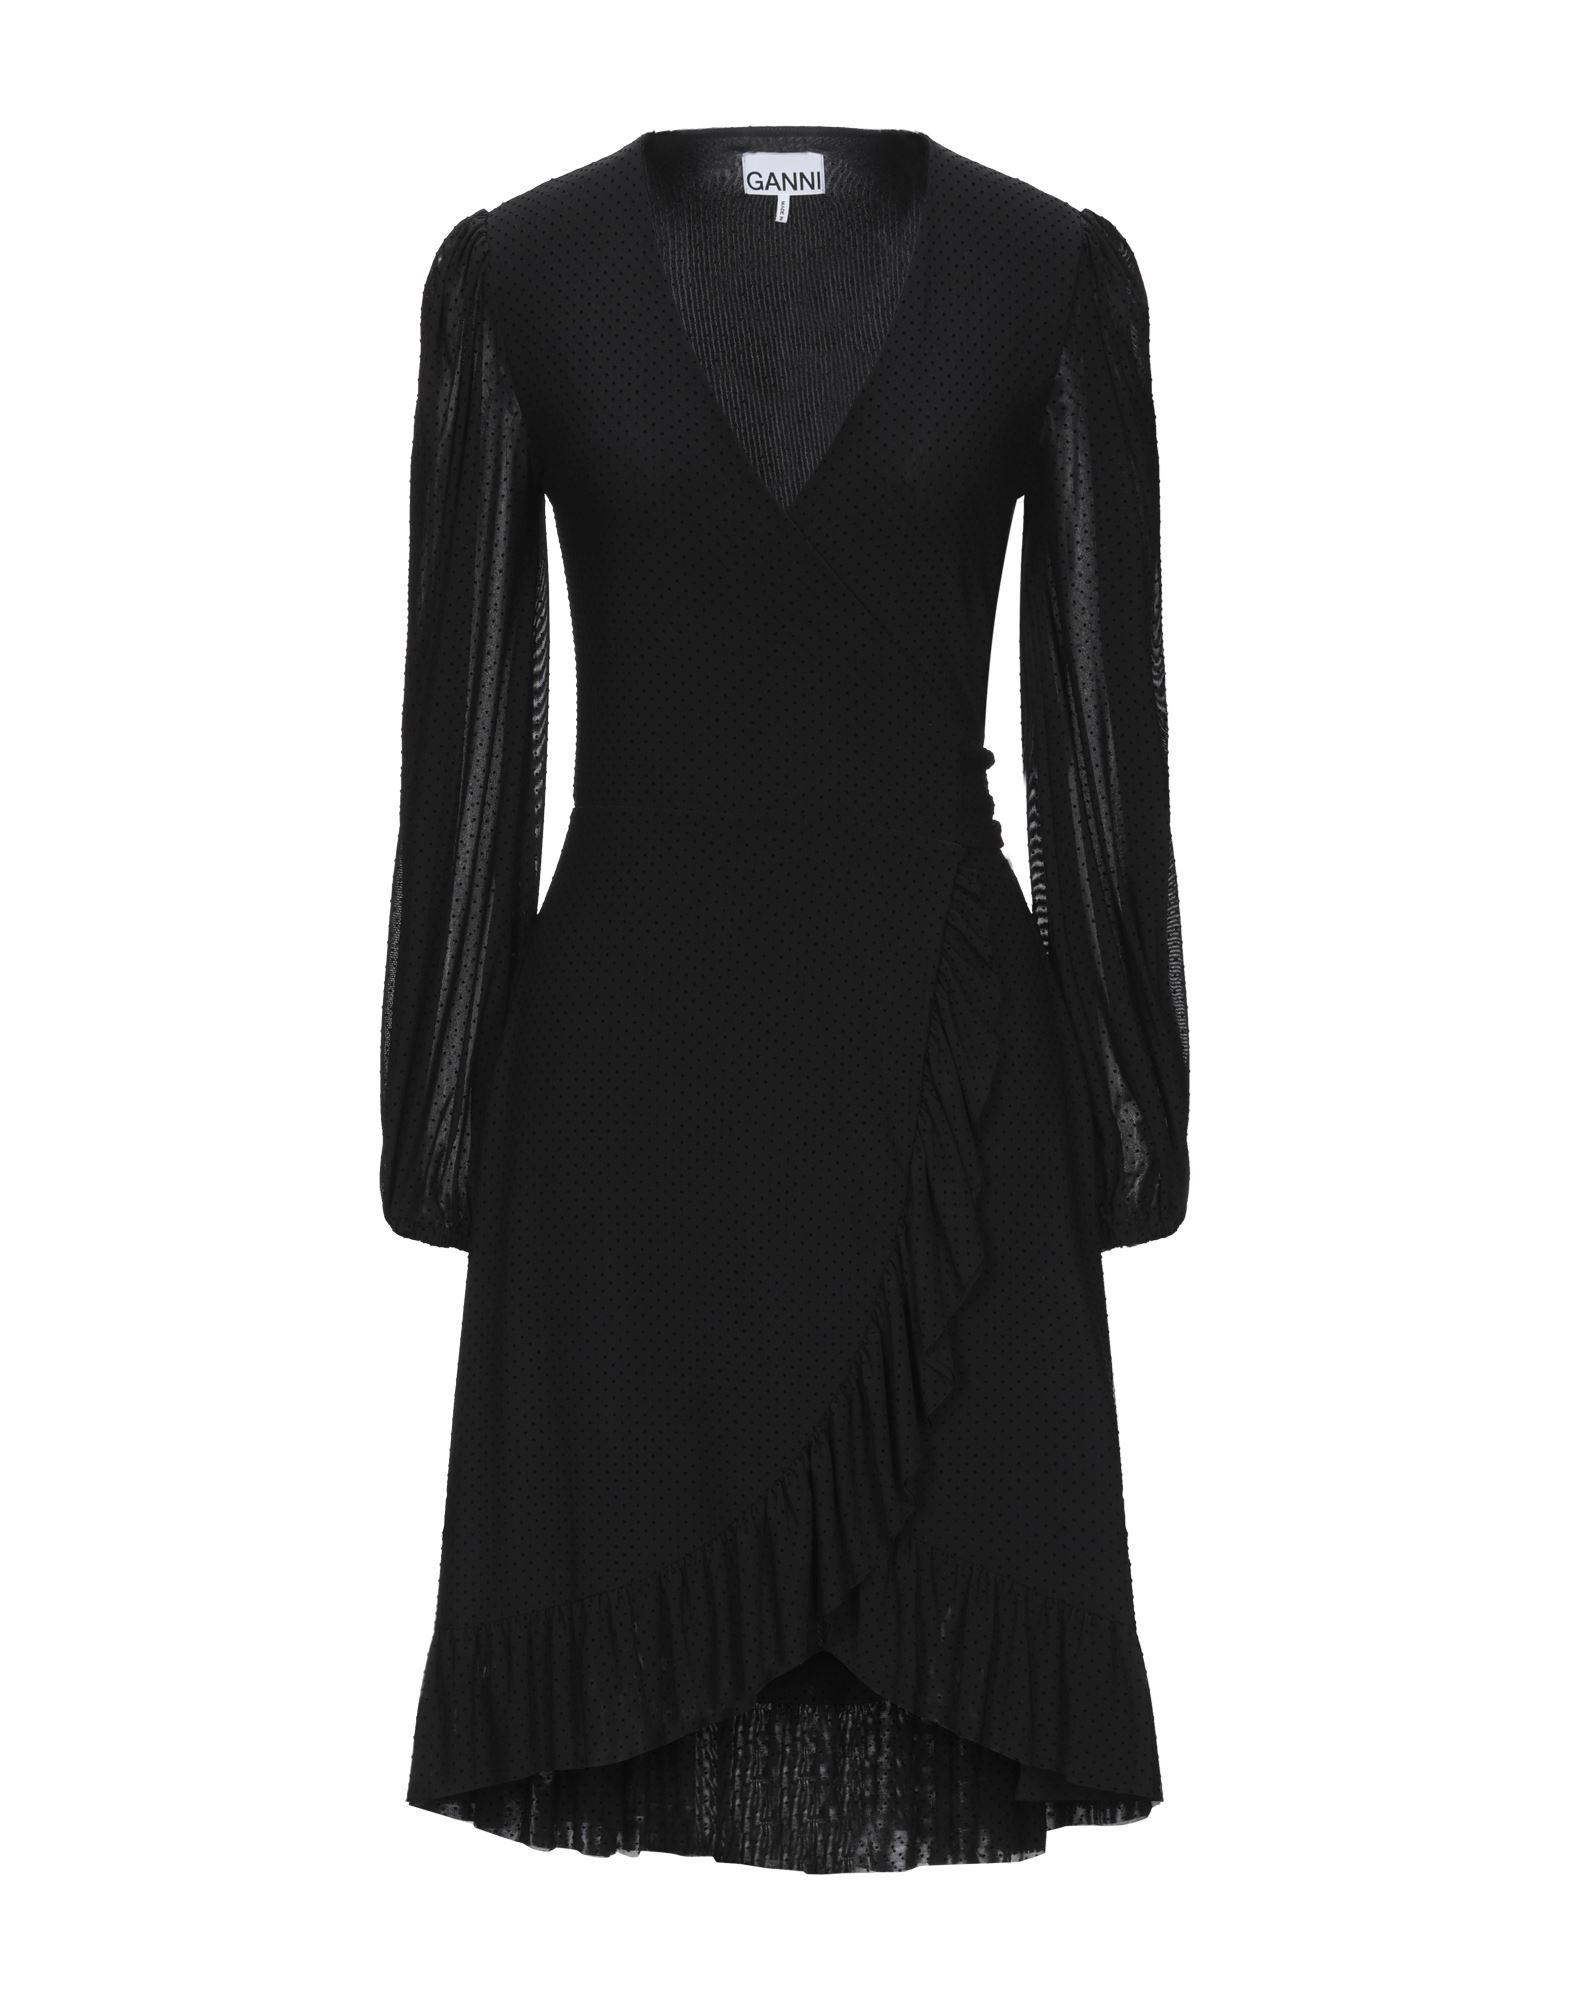 GANNI Короткое платье фото